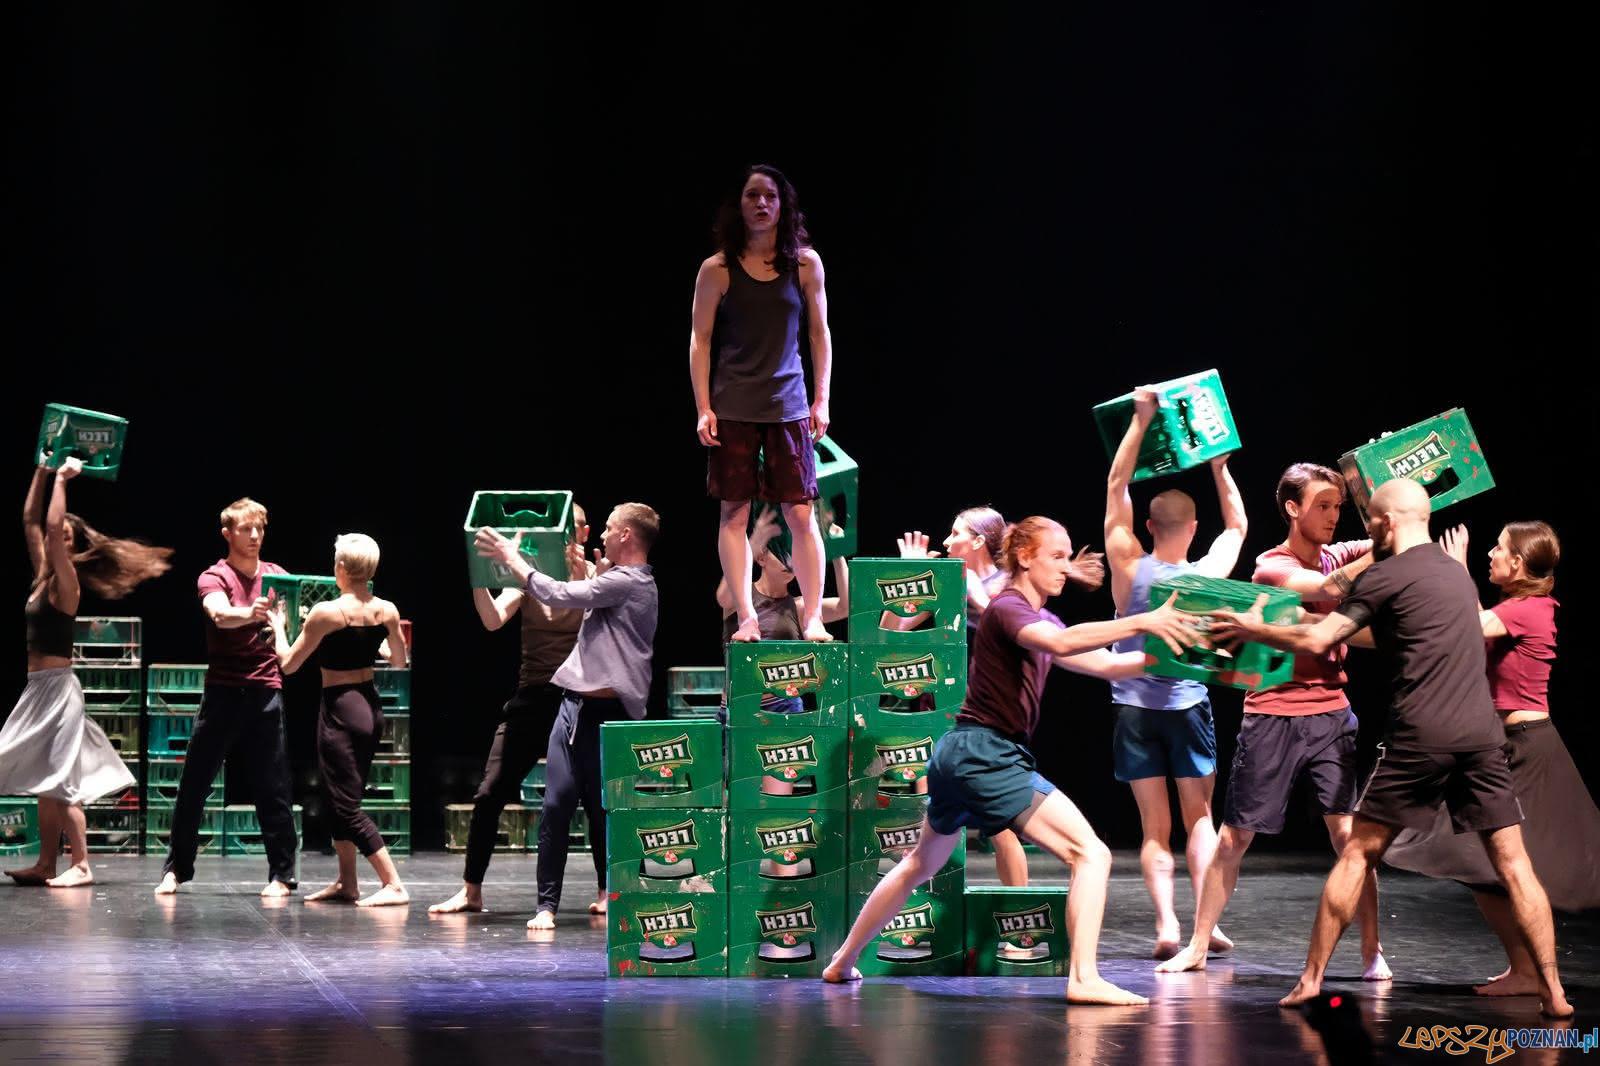 Solidaritot I Solidar-Noc - spektakl Polskiego Teatru Tańca i niemieckiego bodytalk  Foto: Andrzej Grabowski  / materiały PTT